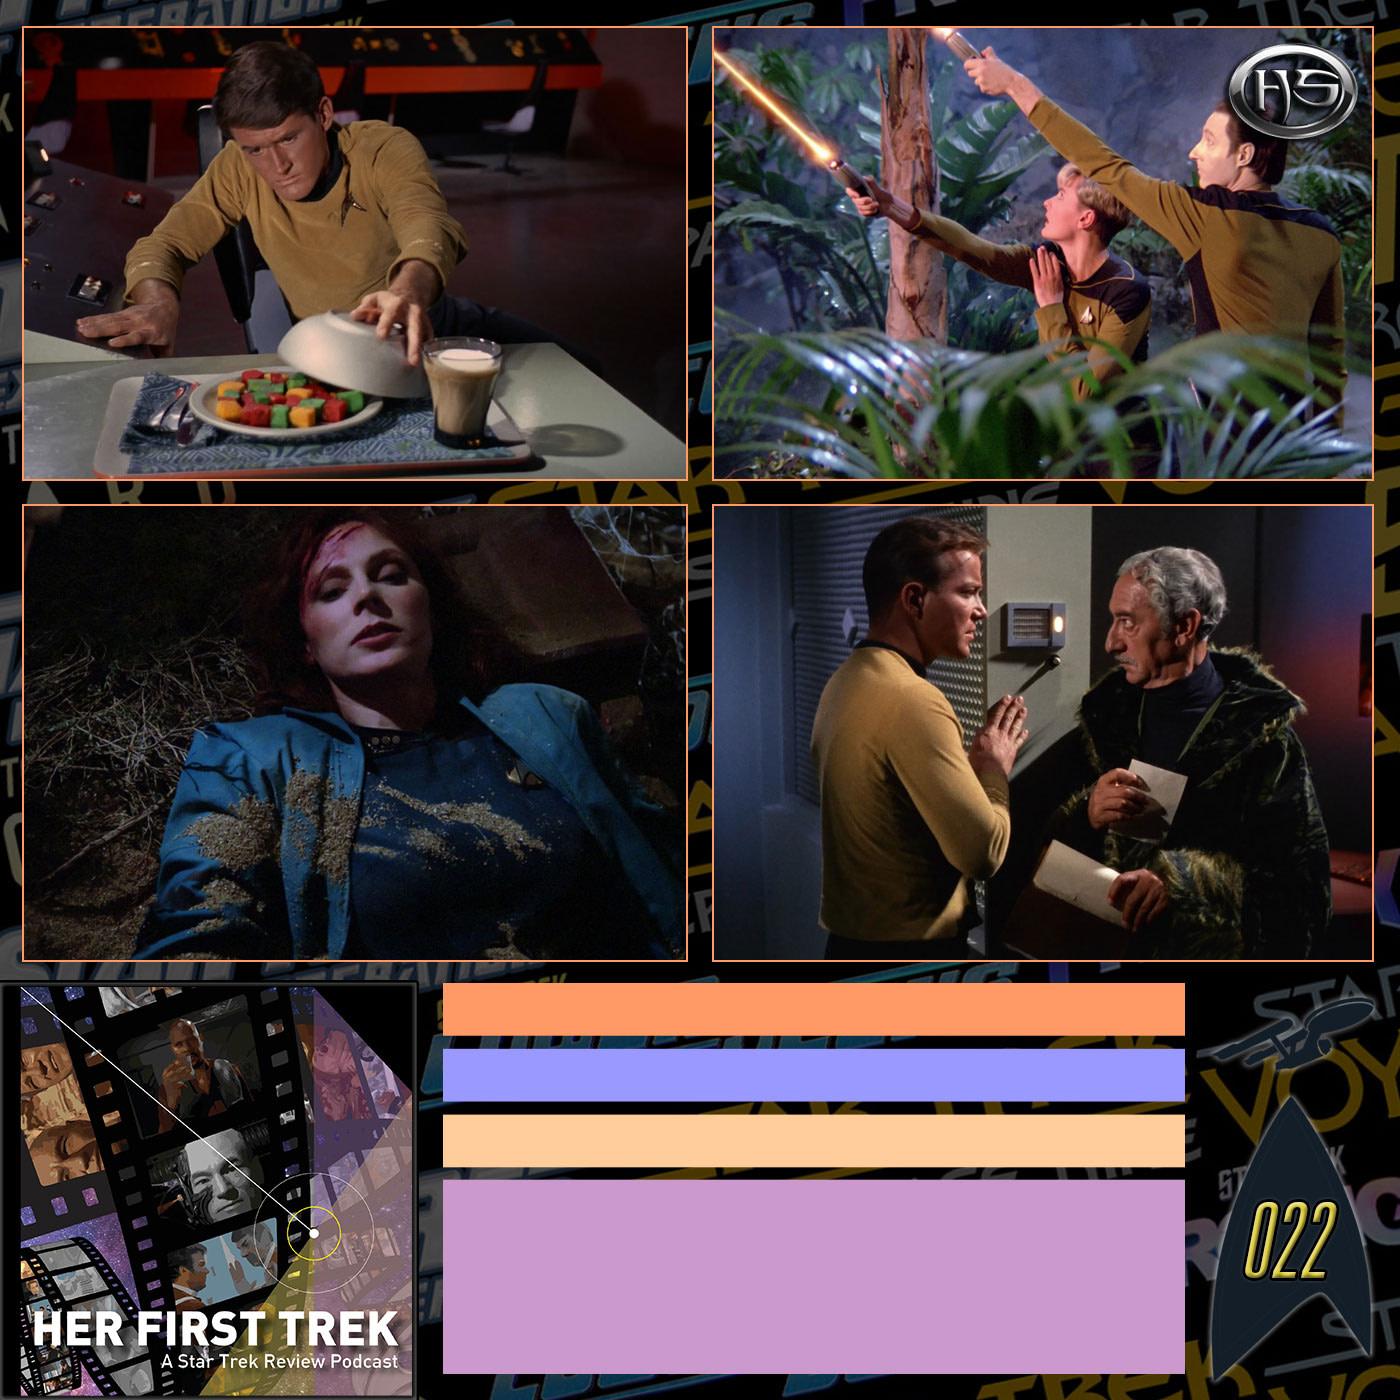 Her First Trek Episode 22